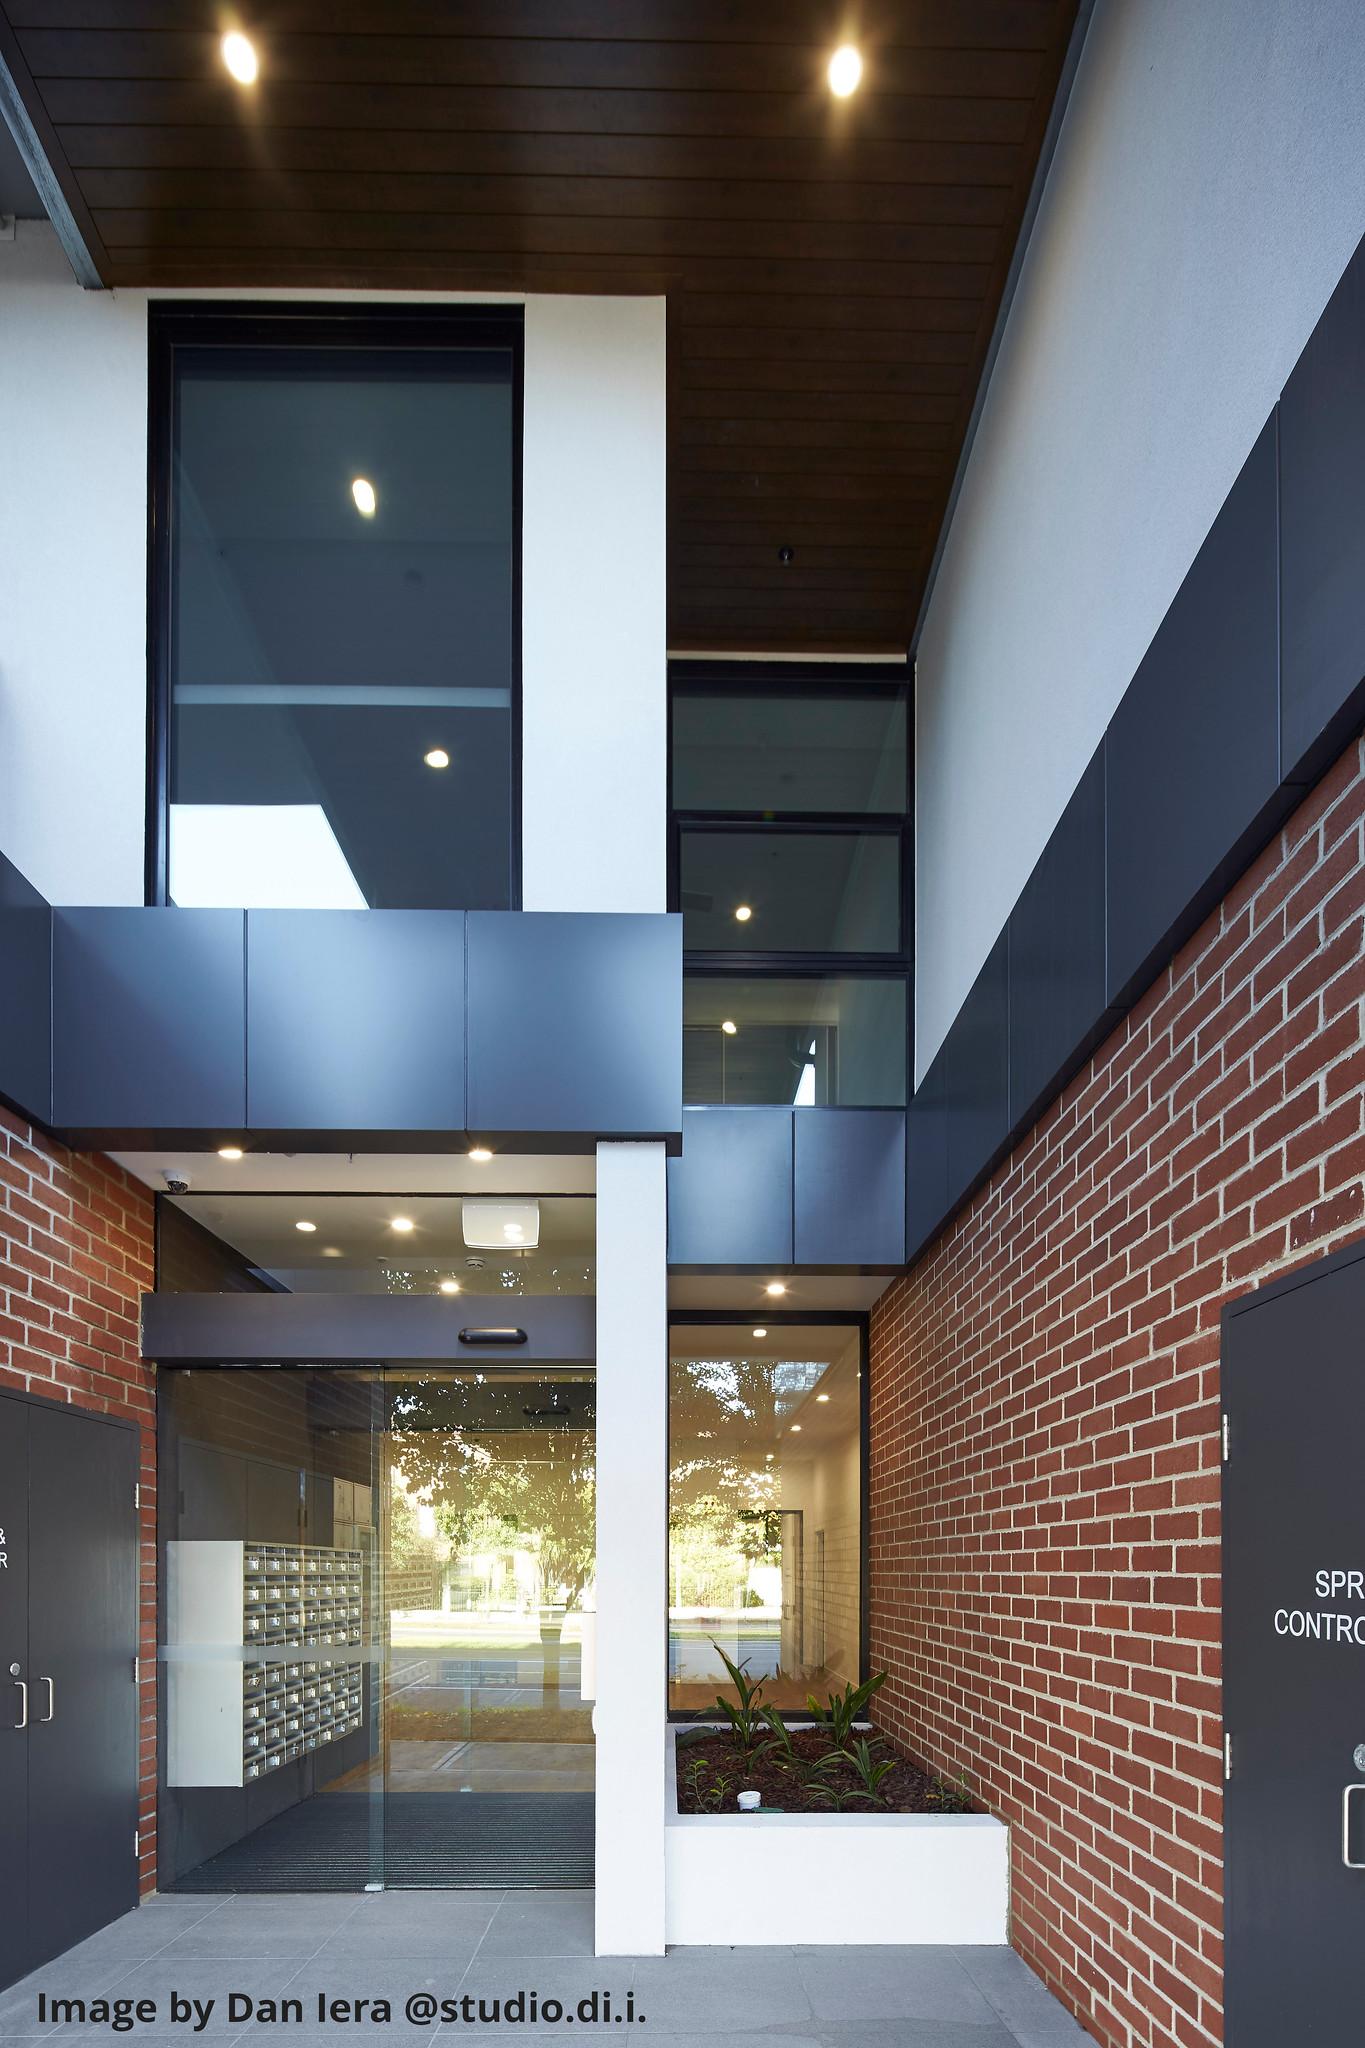 Napier St Credit Dan Iera Unison Housing 1